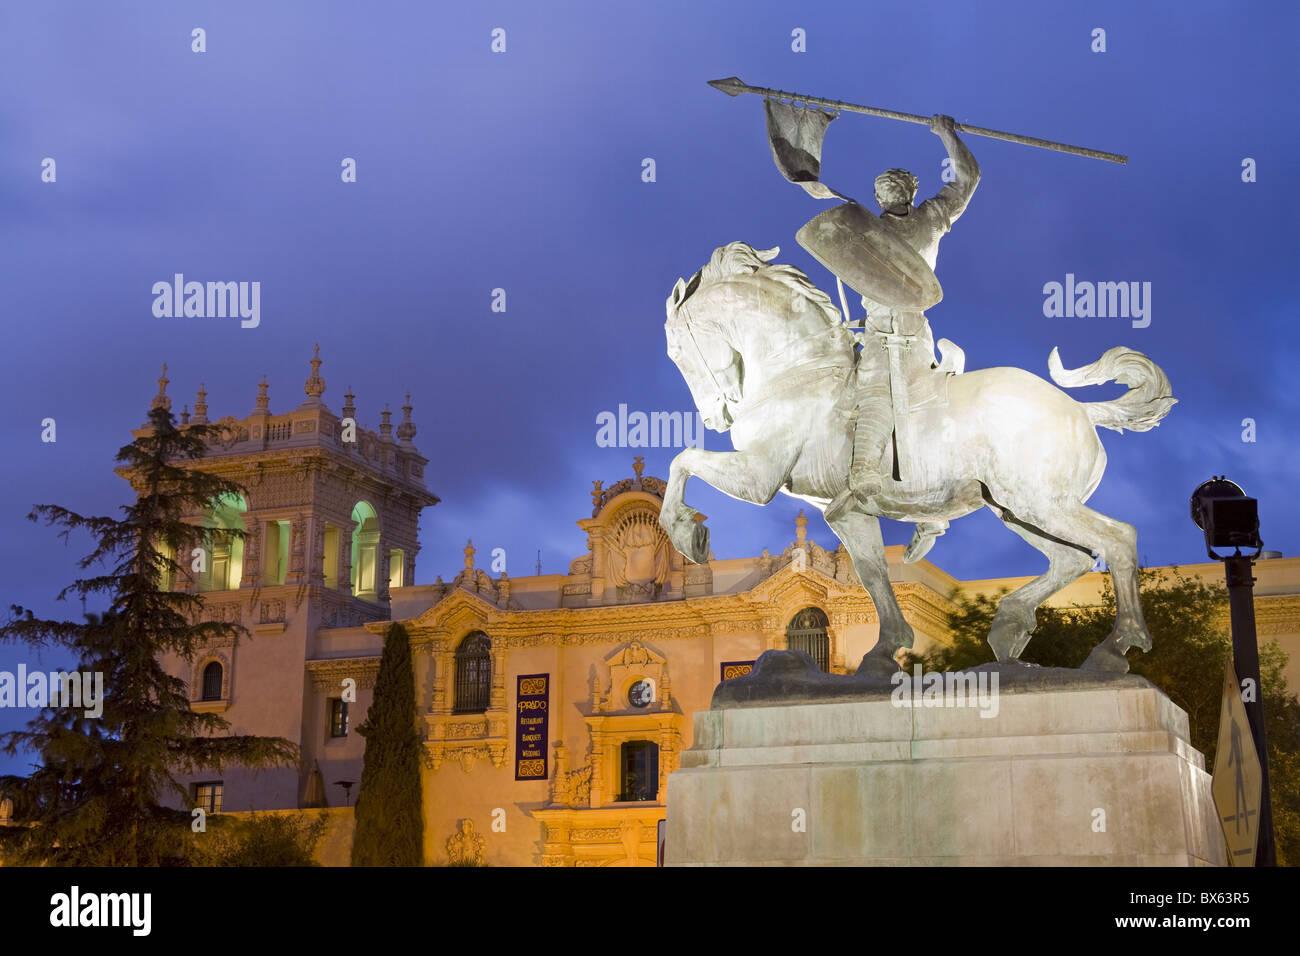 El Cid statua e la casa di accoglienza in Balboa Park, San Diego, California, Stati Uniti d'America, America Immagini Stock